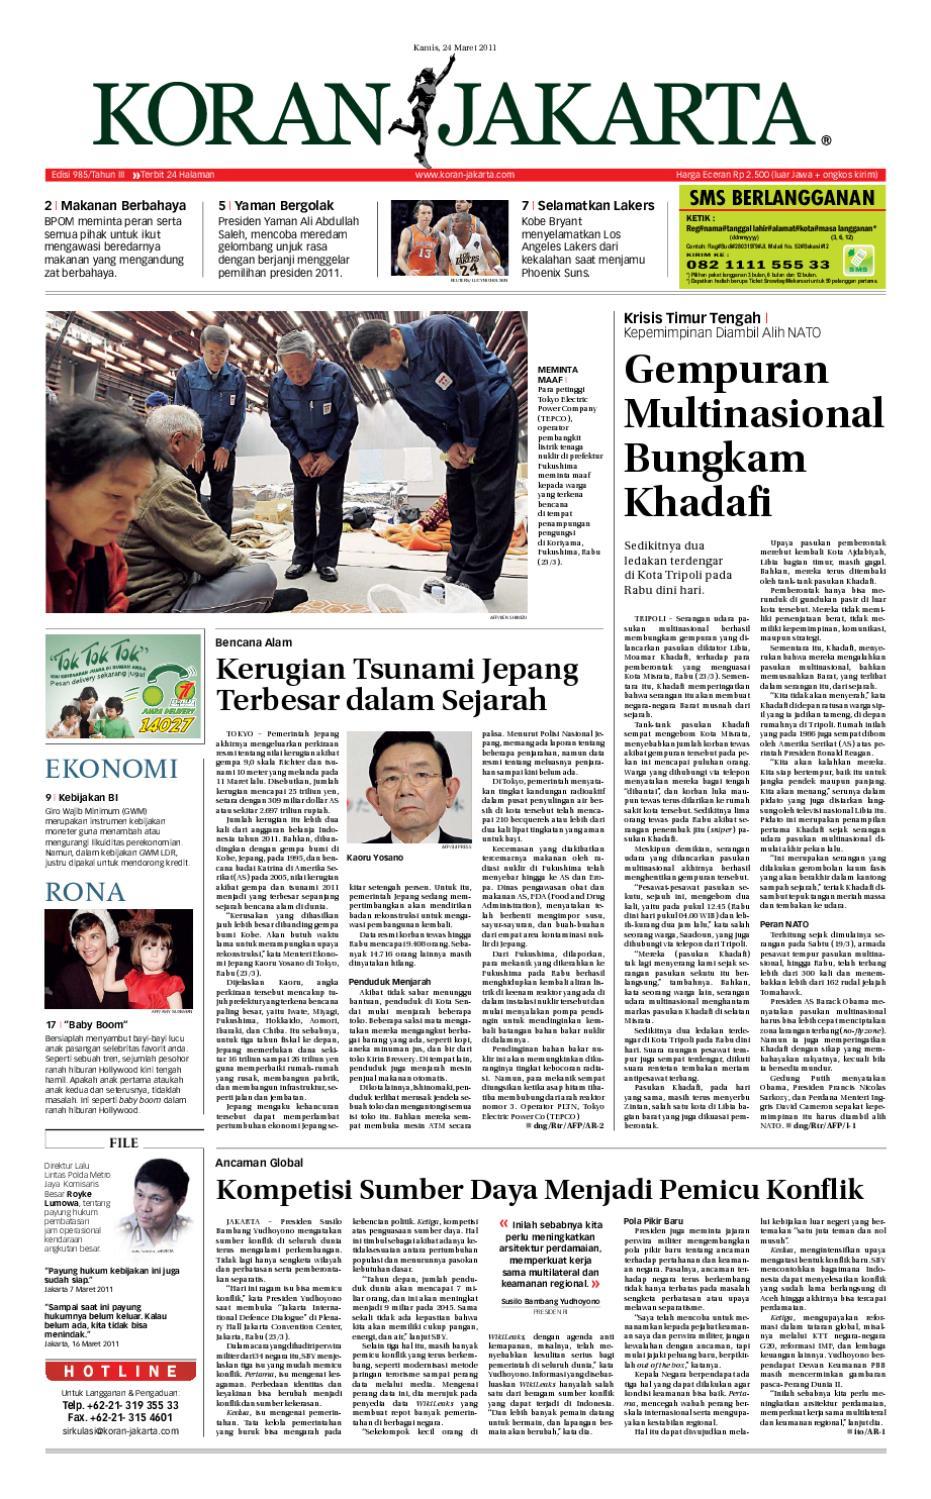 Edisi 985 24 Maret 2011 By Pt Berita Nusantara Issuu Produk Ukm Bumn Bale Sehat Teh Rosella Merah 3 Box